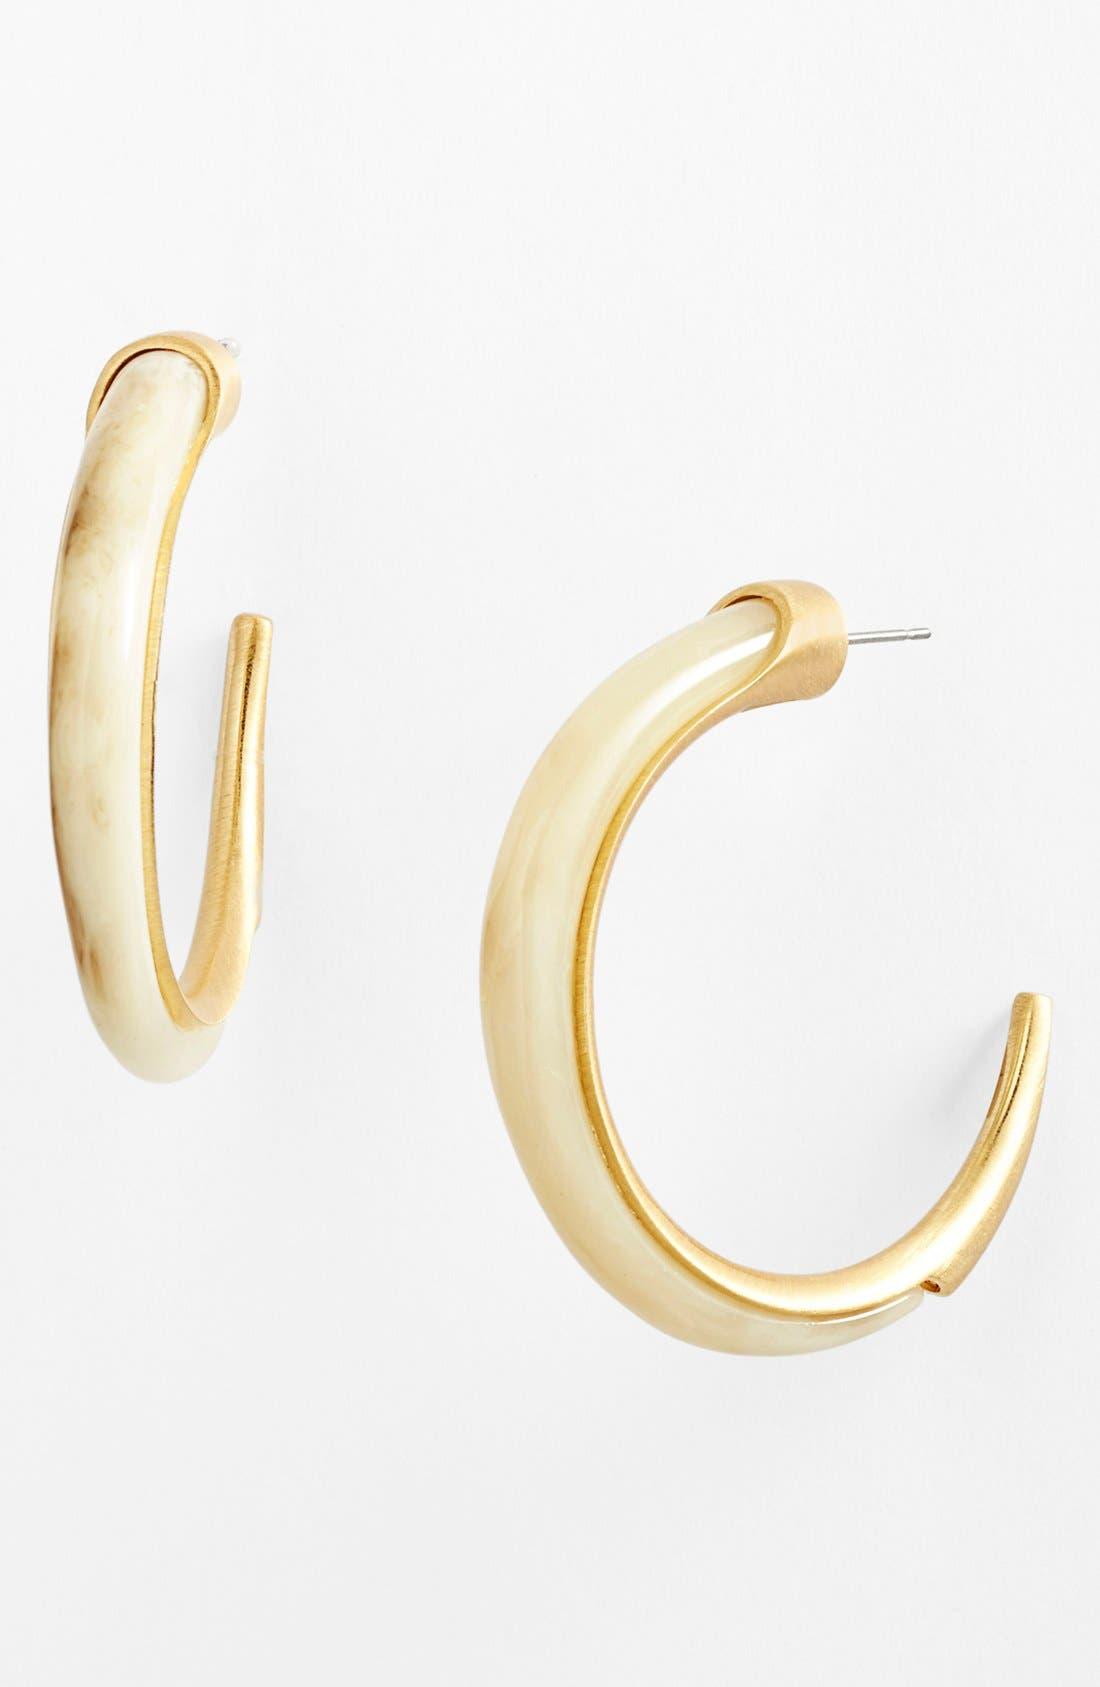 Alternate Image 1 Selected - Vince Camuto 'Thorns & Horns' Hoop Earrings